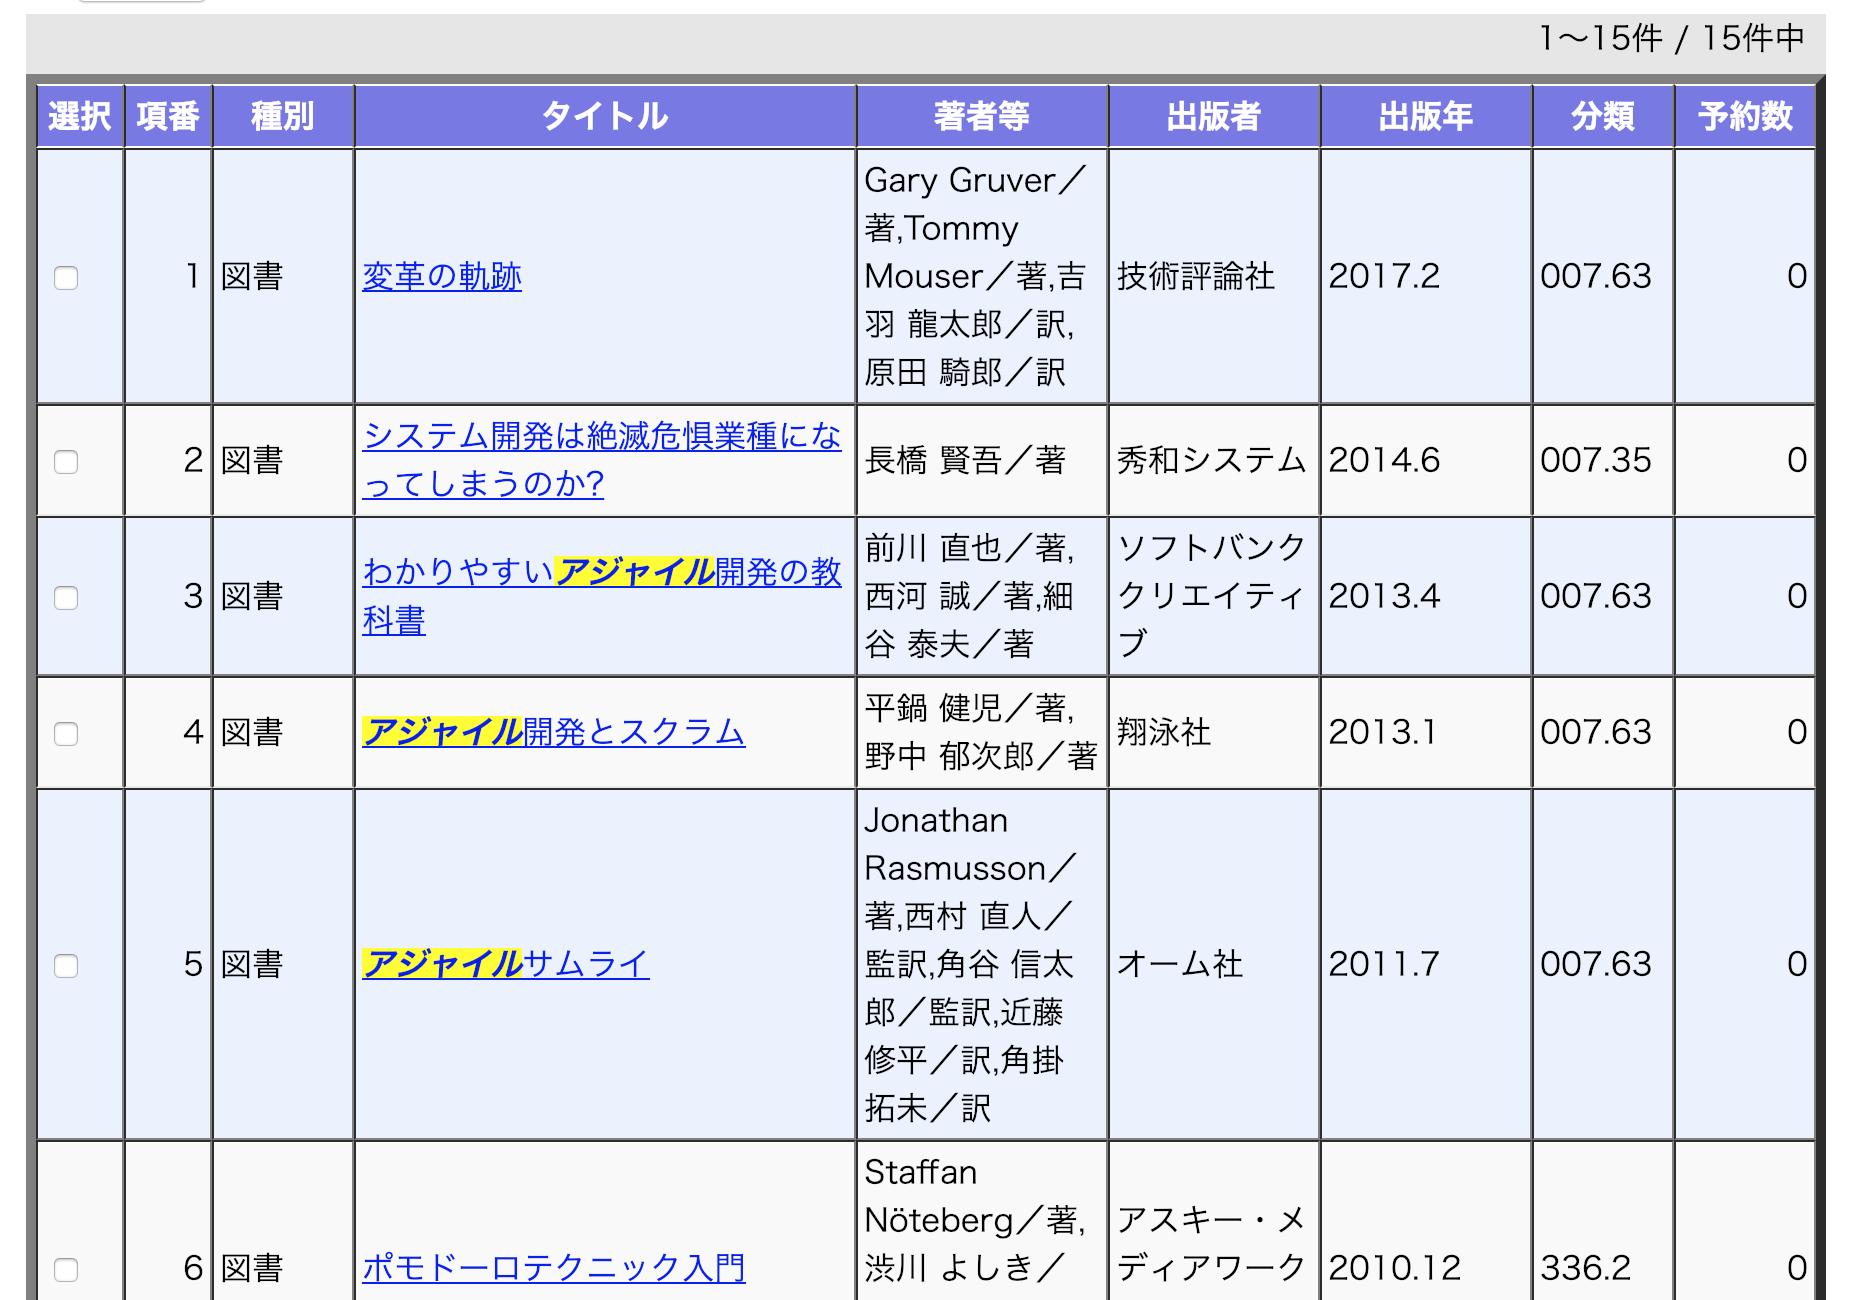 静岡市図書館予約システム